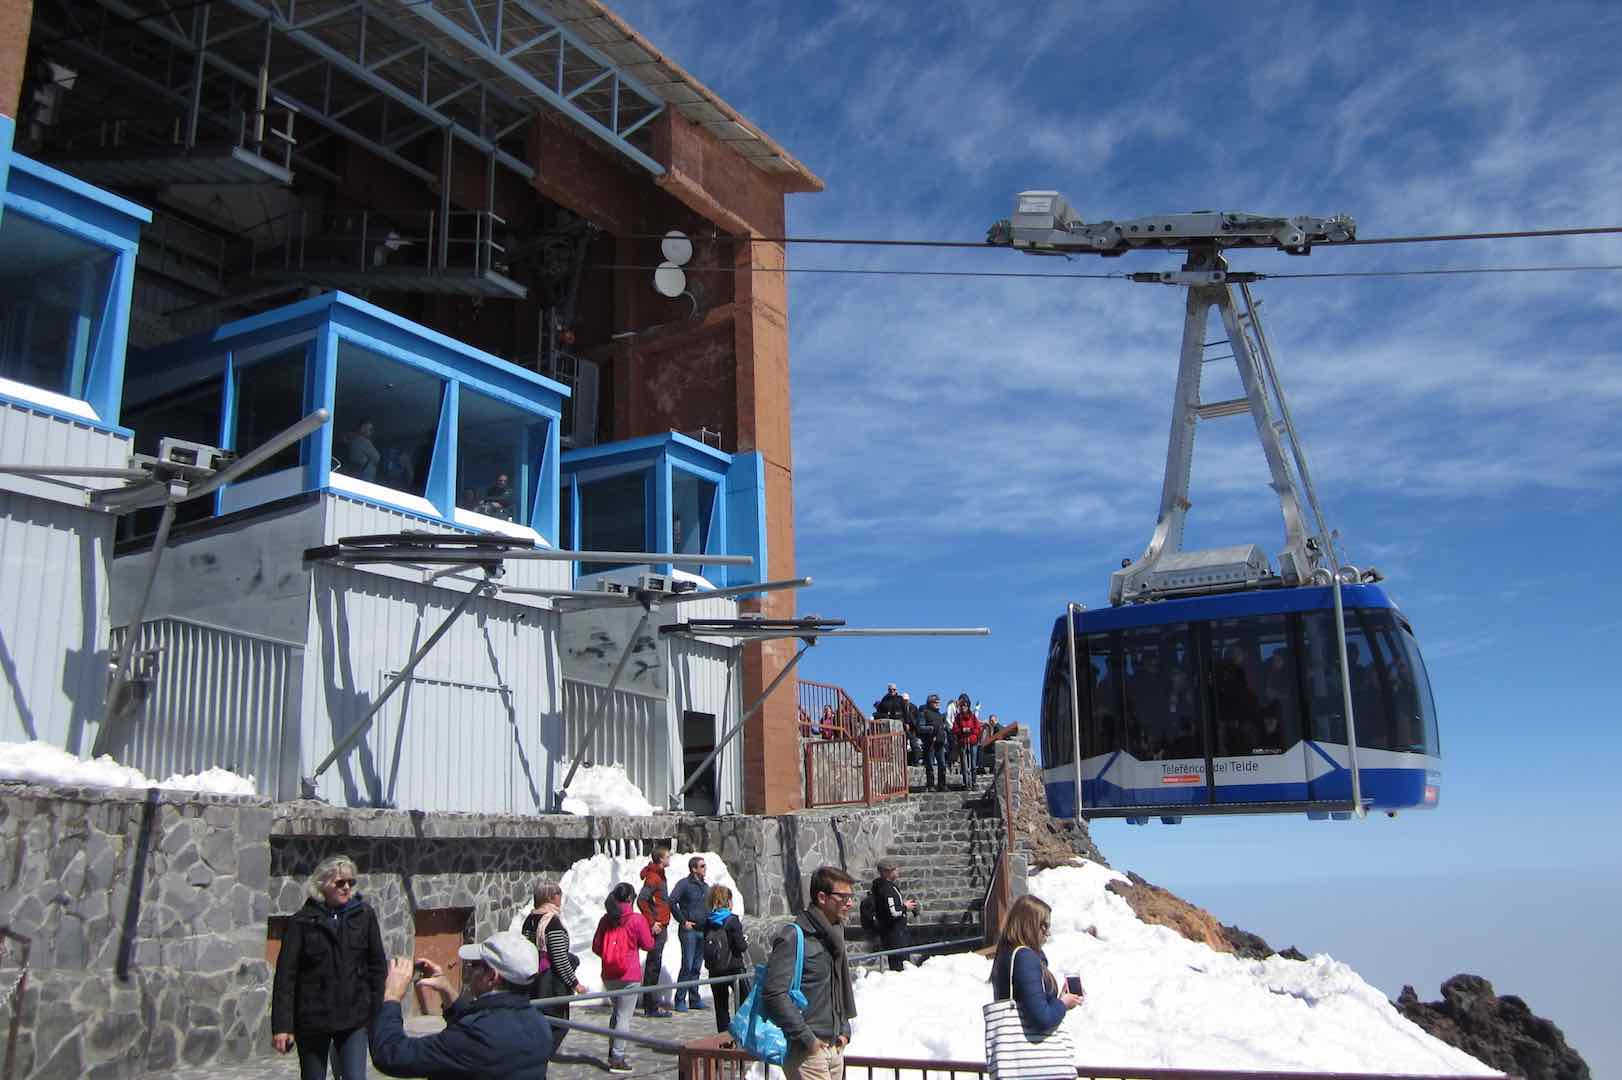 Llegada a la Rambleta, desde donde parten las rutas de senderismo para llegar al pico más alto de España, el Teide